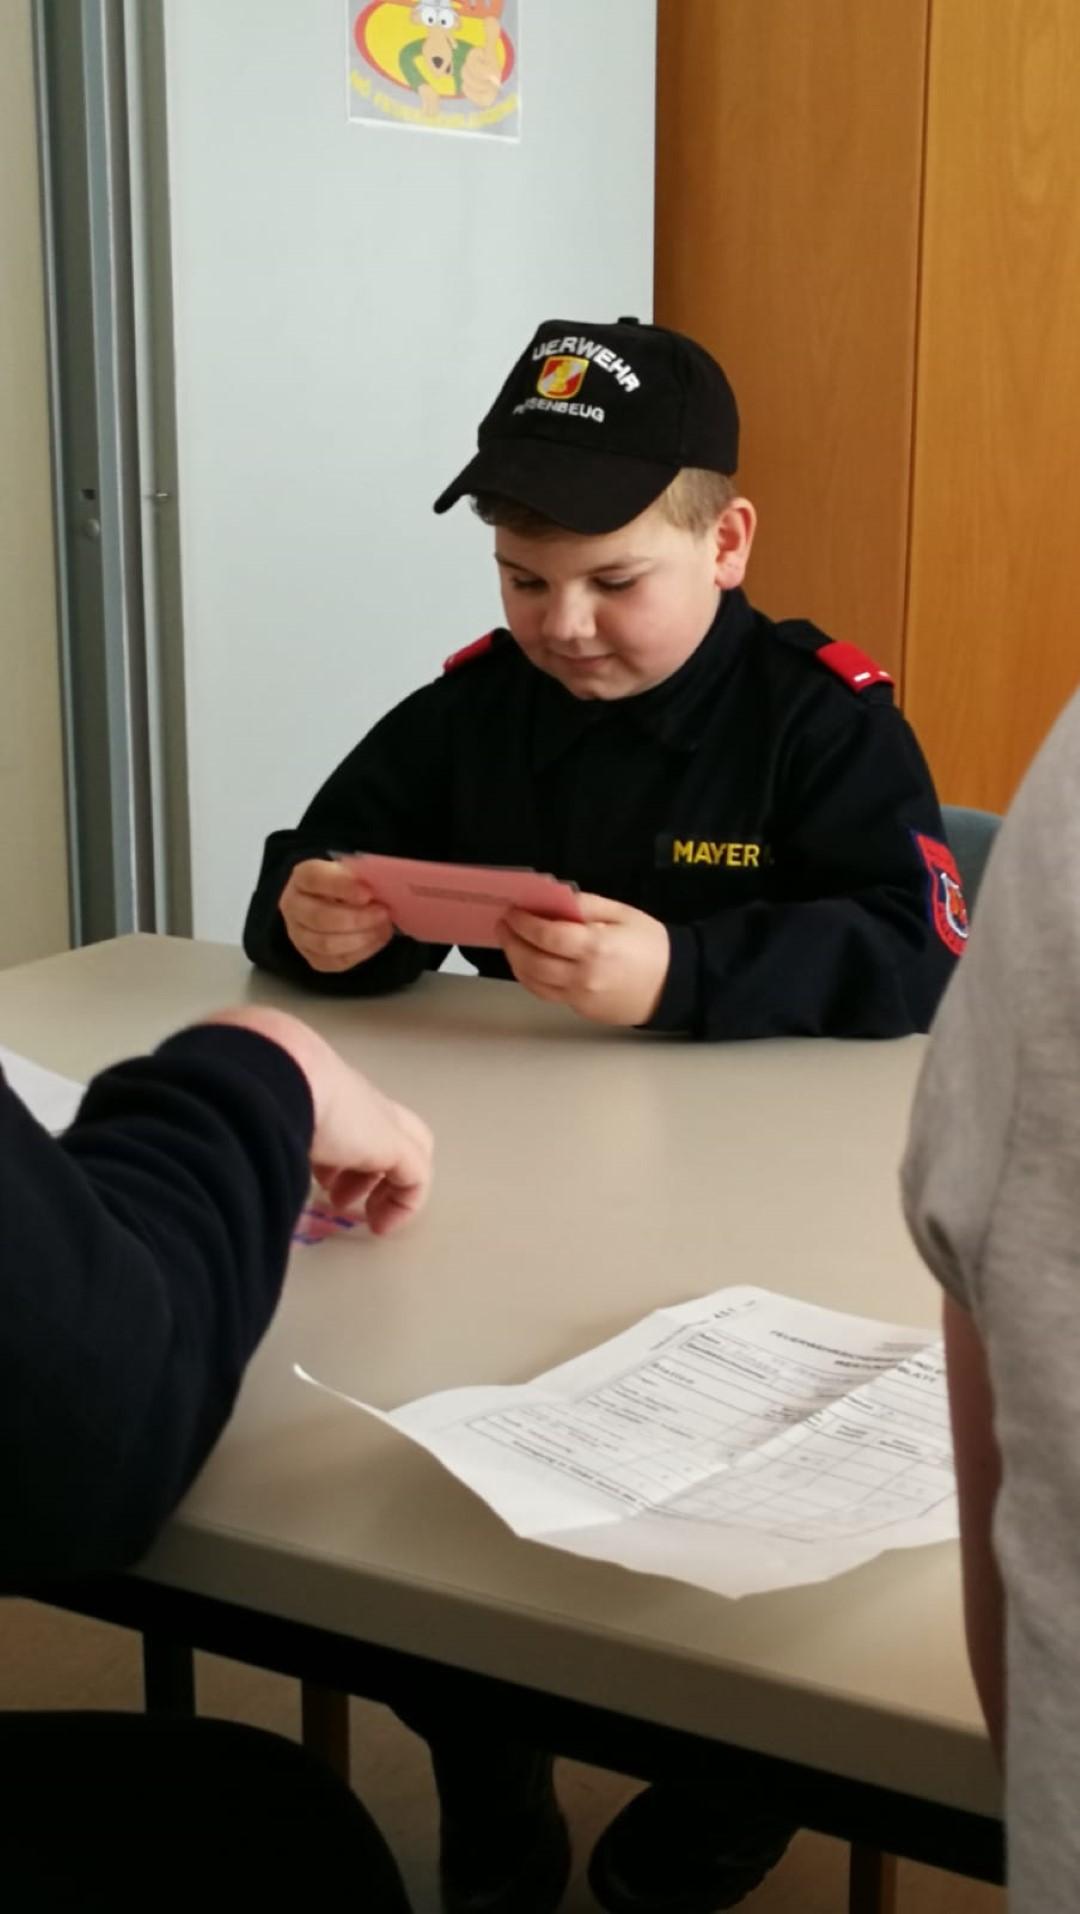 2019.02.02. Abnahme für das Fertigkeitsabzeichen Feuerwehrsicherheit und Erste Hilfe (10) (Large)